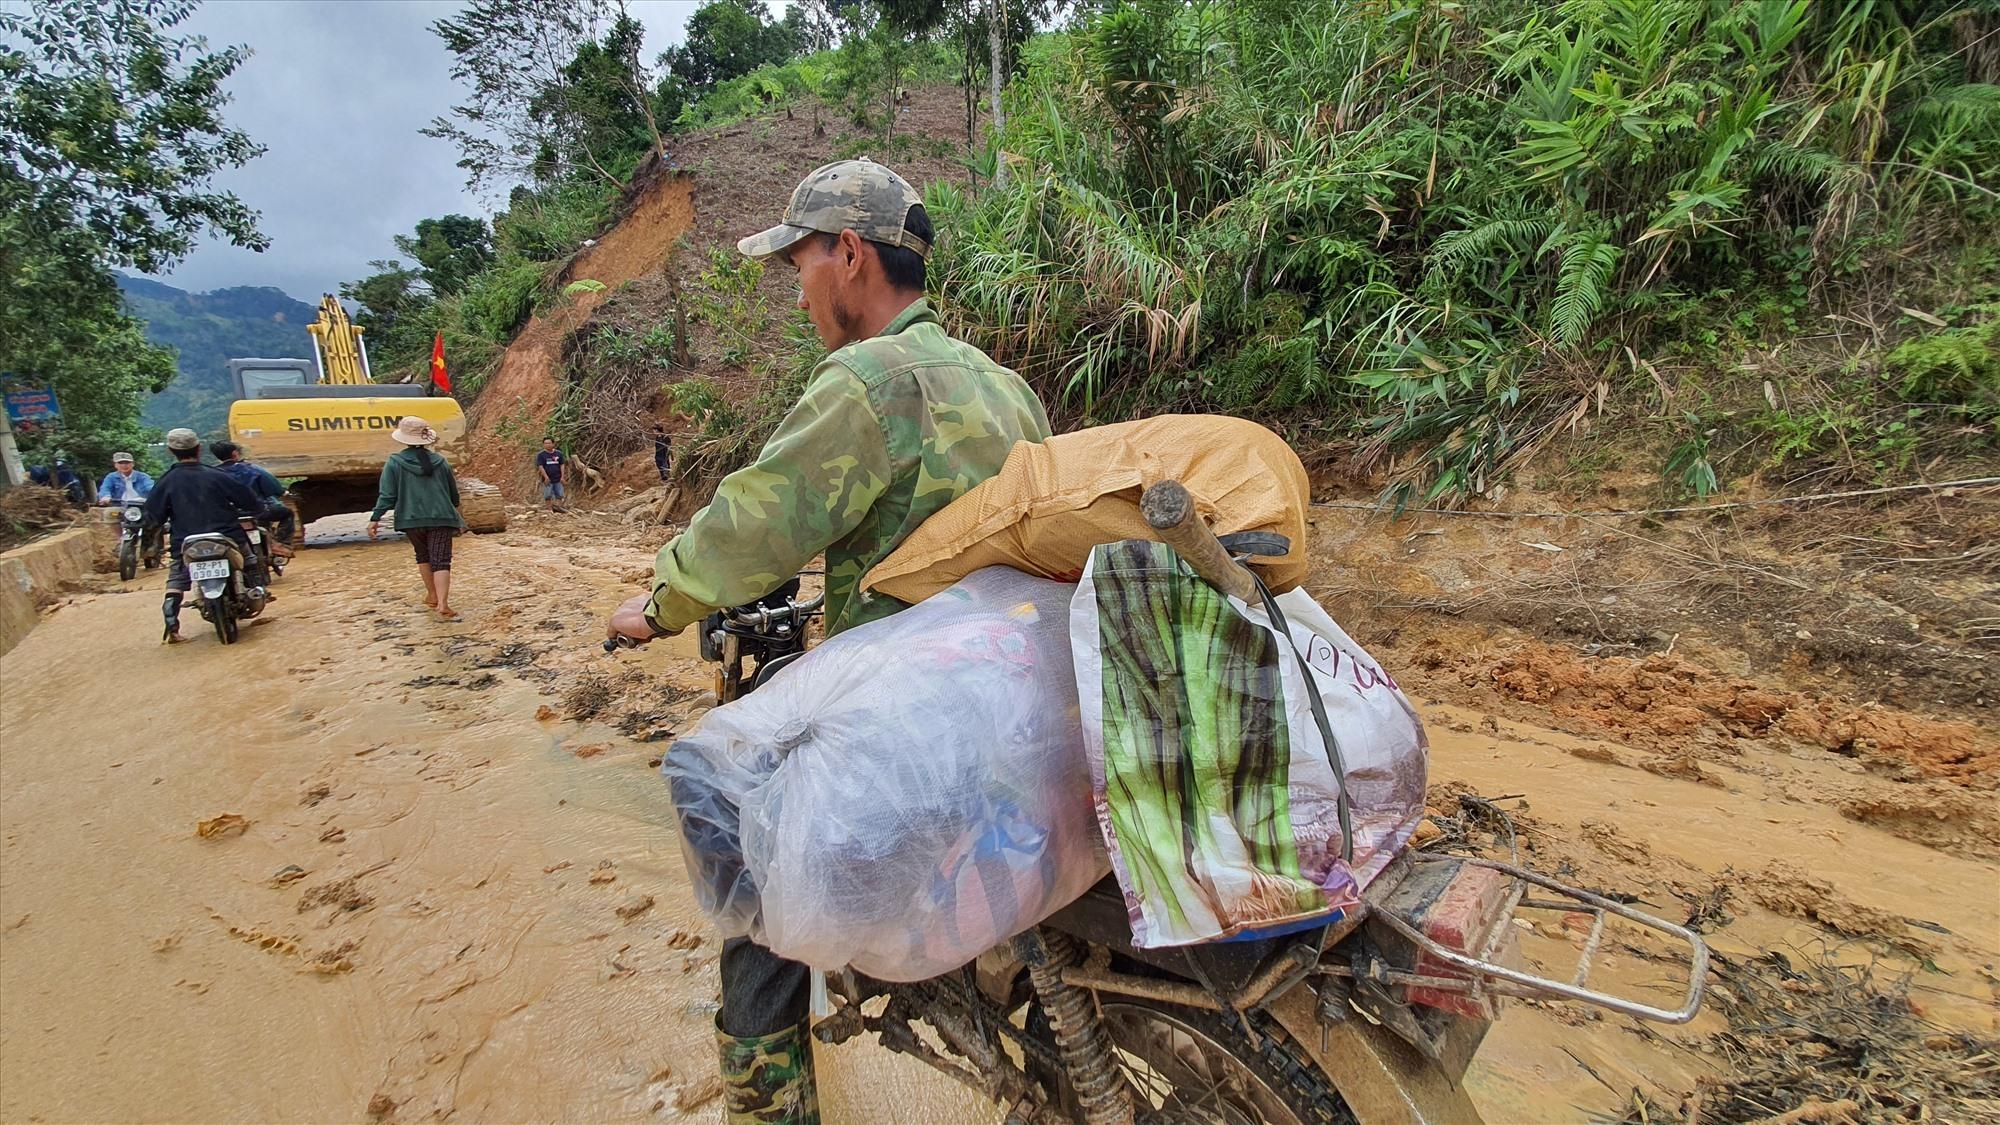 Người dân Phước Thành đã có thể sử dụng xe máy để vận chuyển hàng hóa cứu trợ về xã, chấm dứt cảnh cắt rừng gùi cõng suốt ba tuần qua. Ảnh: T.C